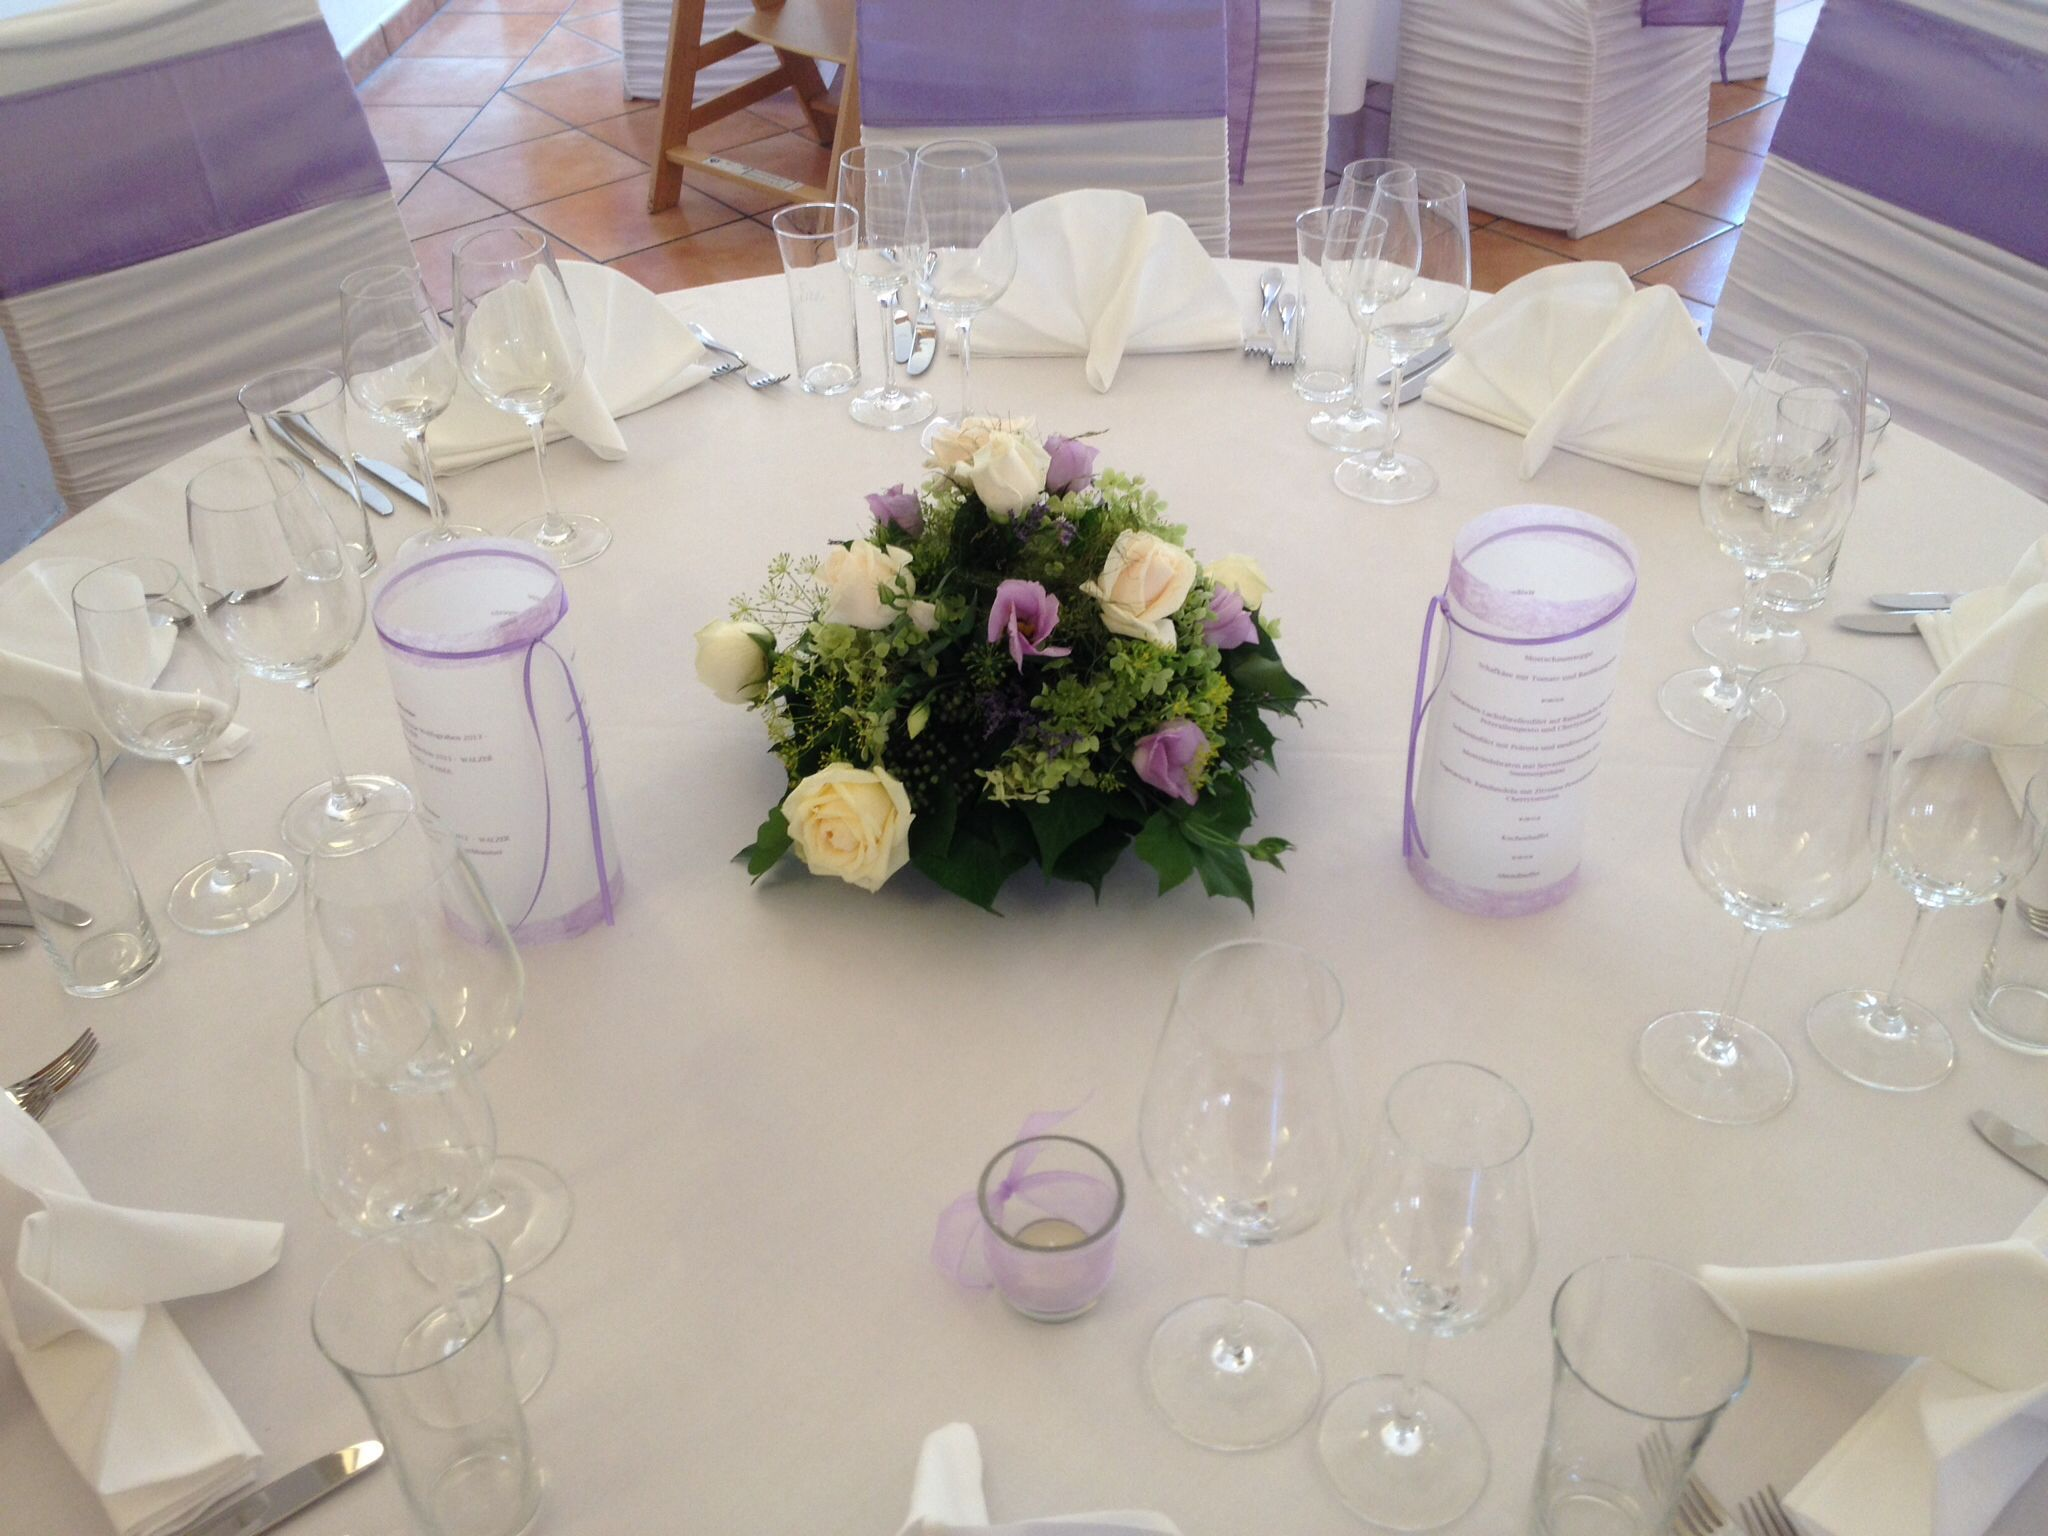 Tischdekoration in weiß und lila Serviette in Fächerform